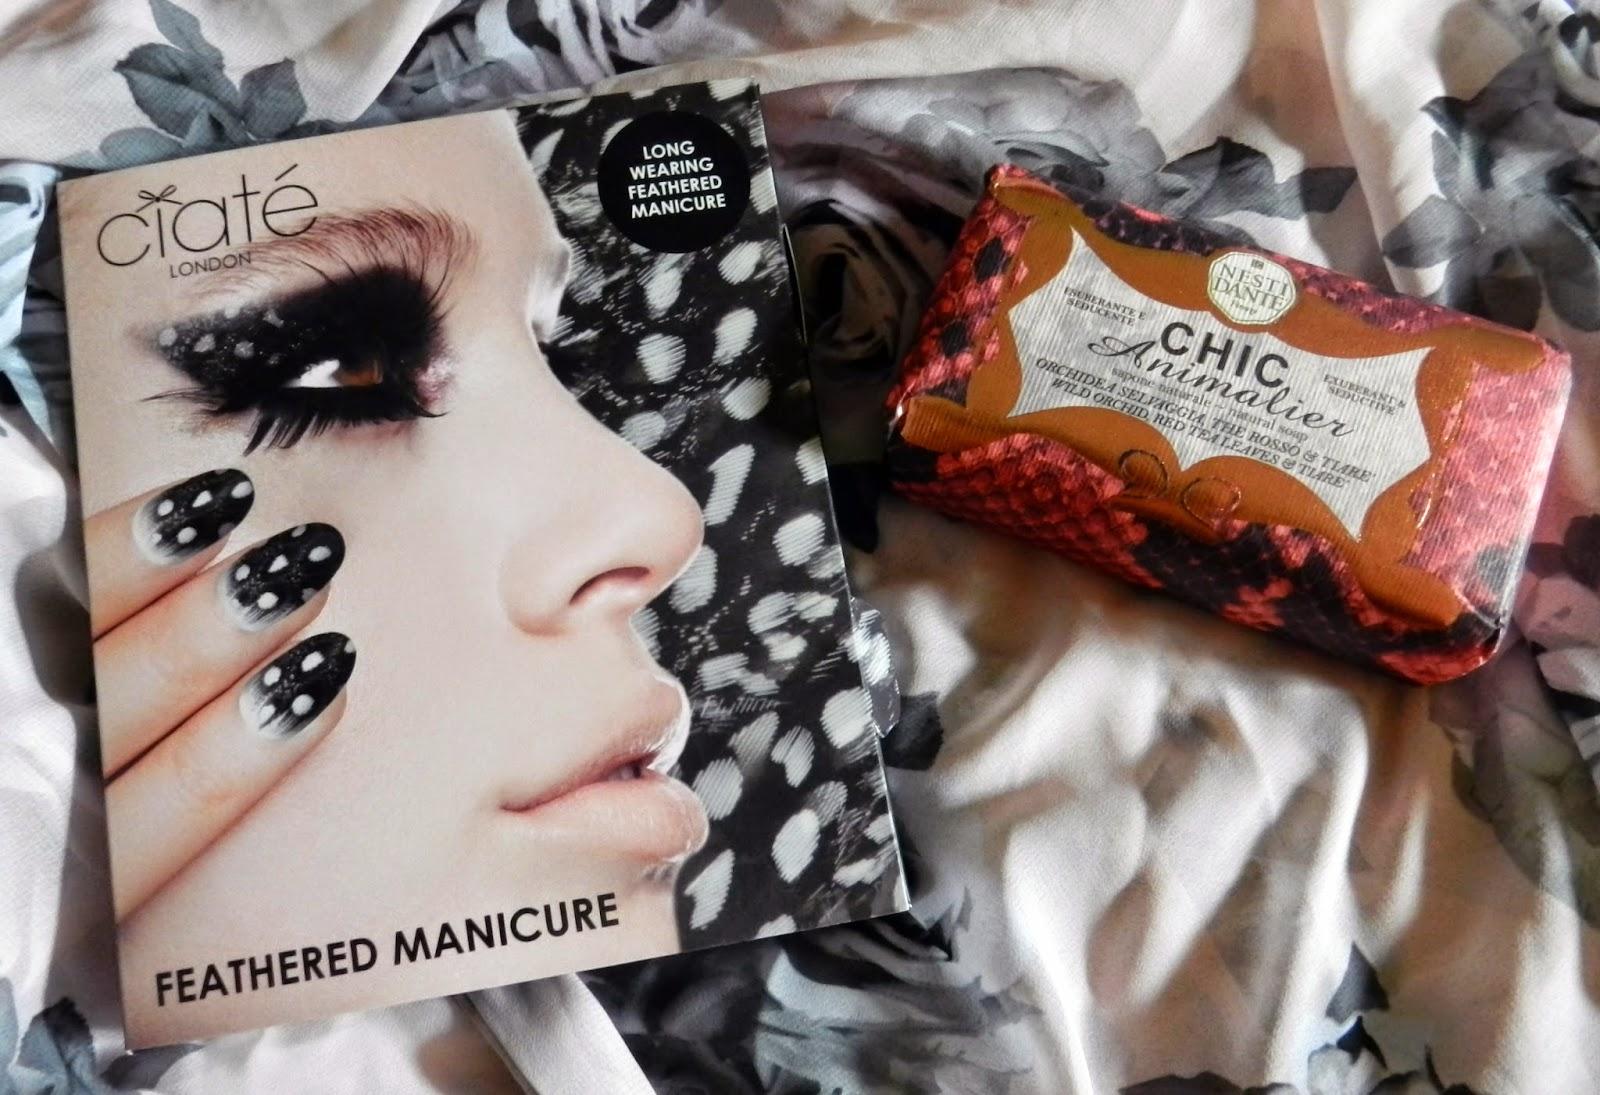 Ciaté Feathered Manicure kit & Nesti Dante Chic Animalier Soap